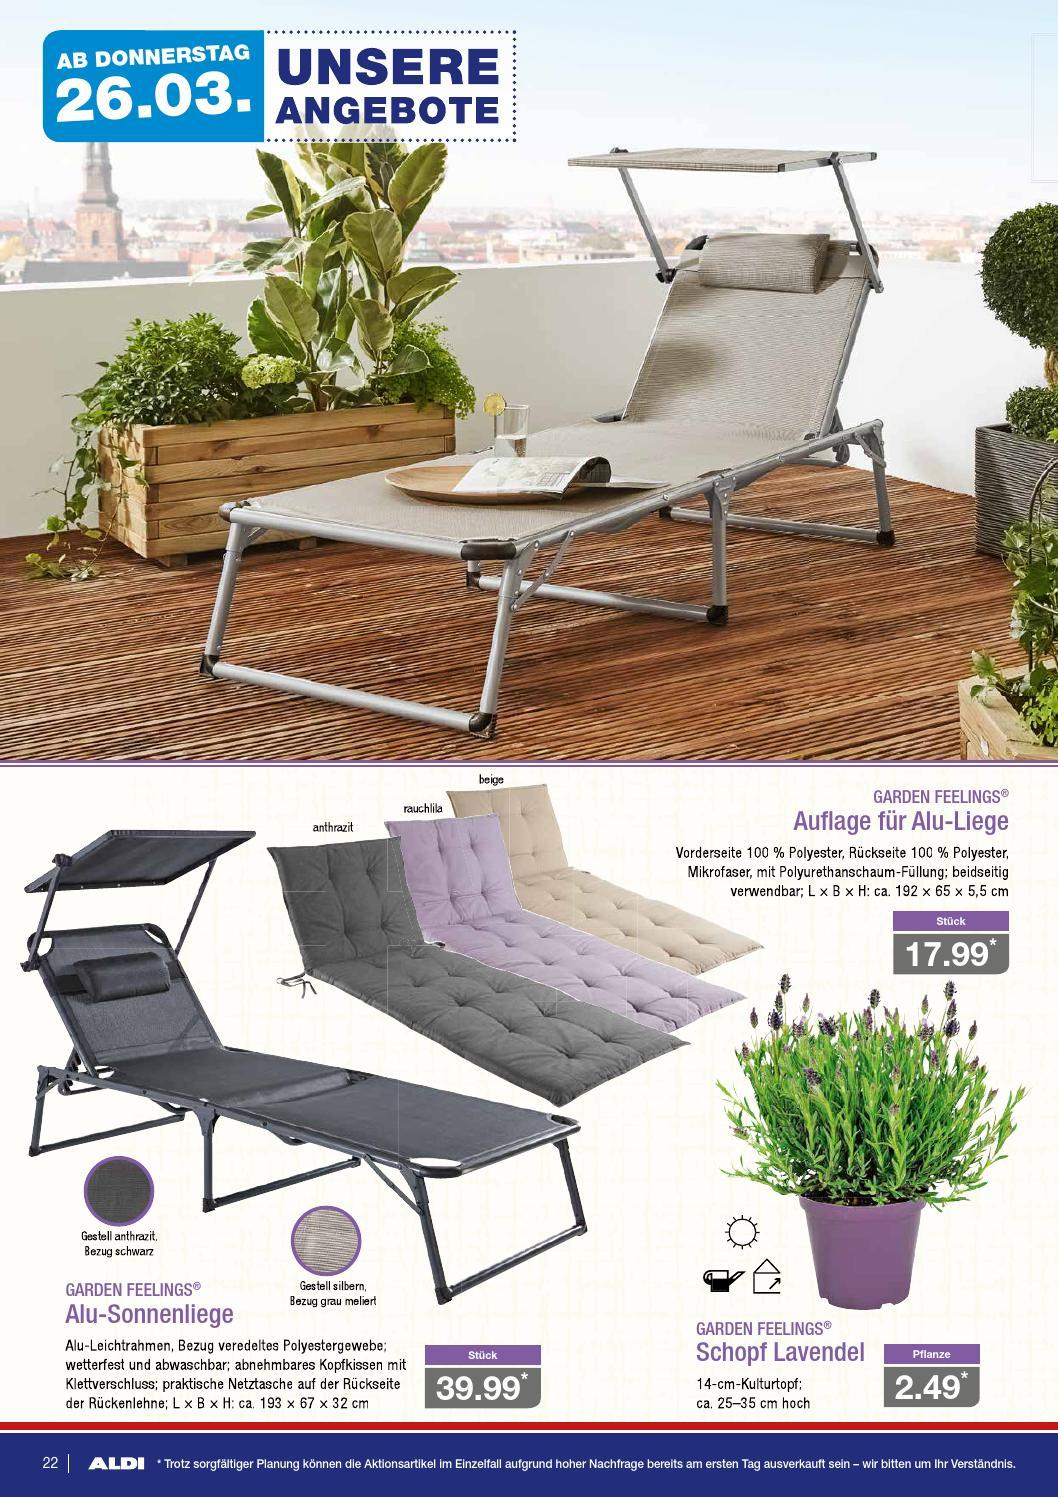 Full Size of Sonnenliege Aldi Nord Angebote Ab Montag 23032015 By Onlineprospekt Relaxsessel Garten Wohnzimmer Sonnenliege Aldi